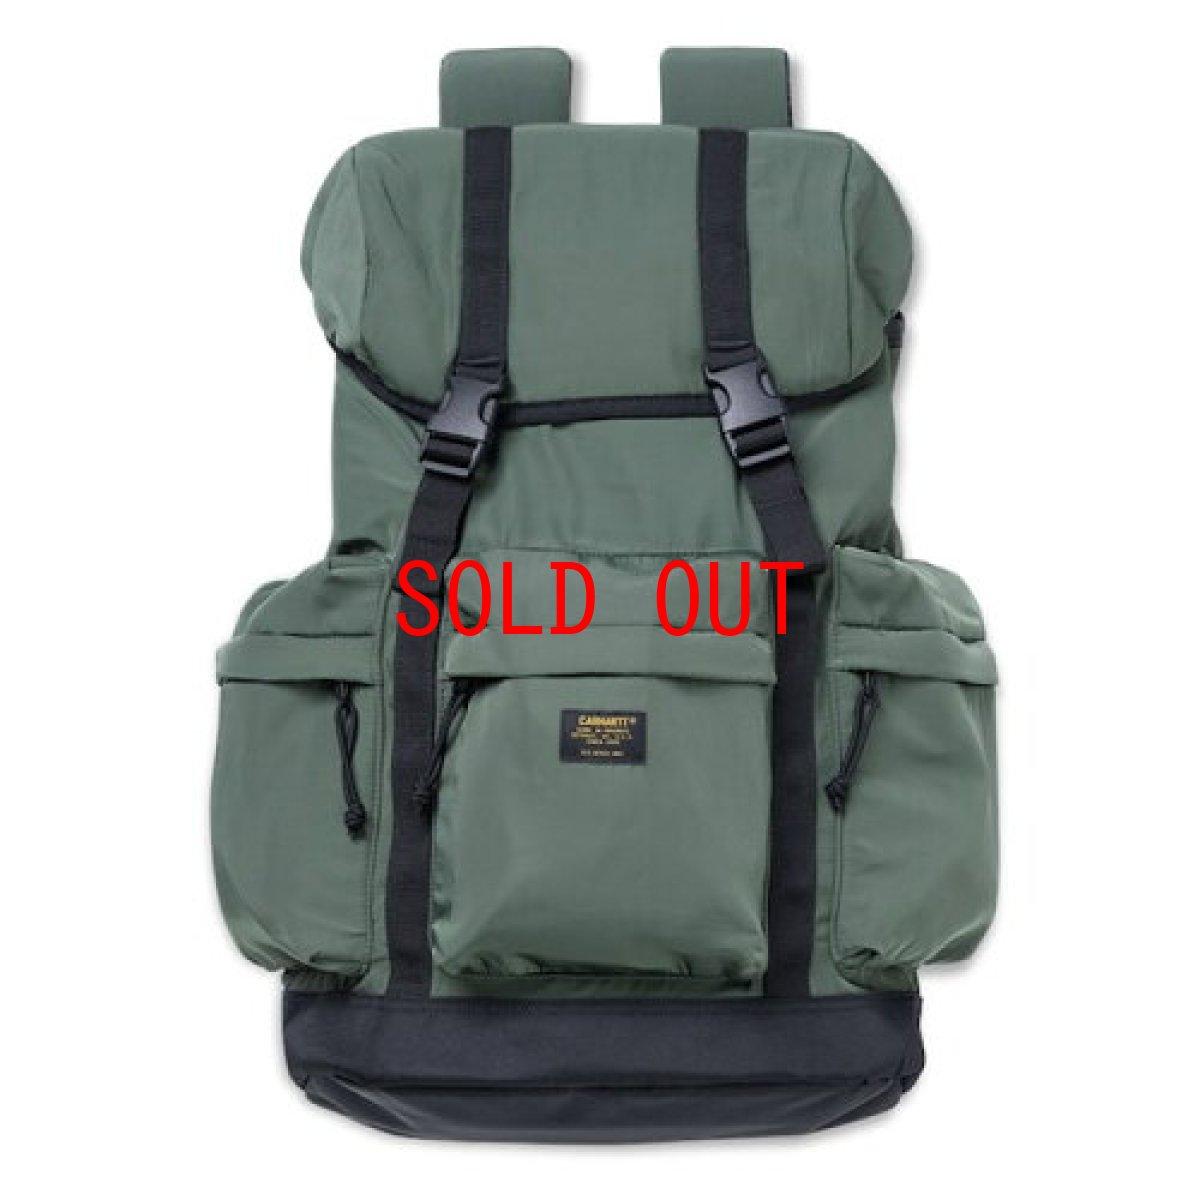 画像1: Carhartt WIP(カーハート ワークインプログレス) Military Rucksack Bag Pack Adventure Olive ミリタリー バッグパック (1)